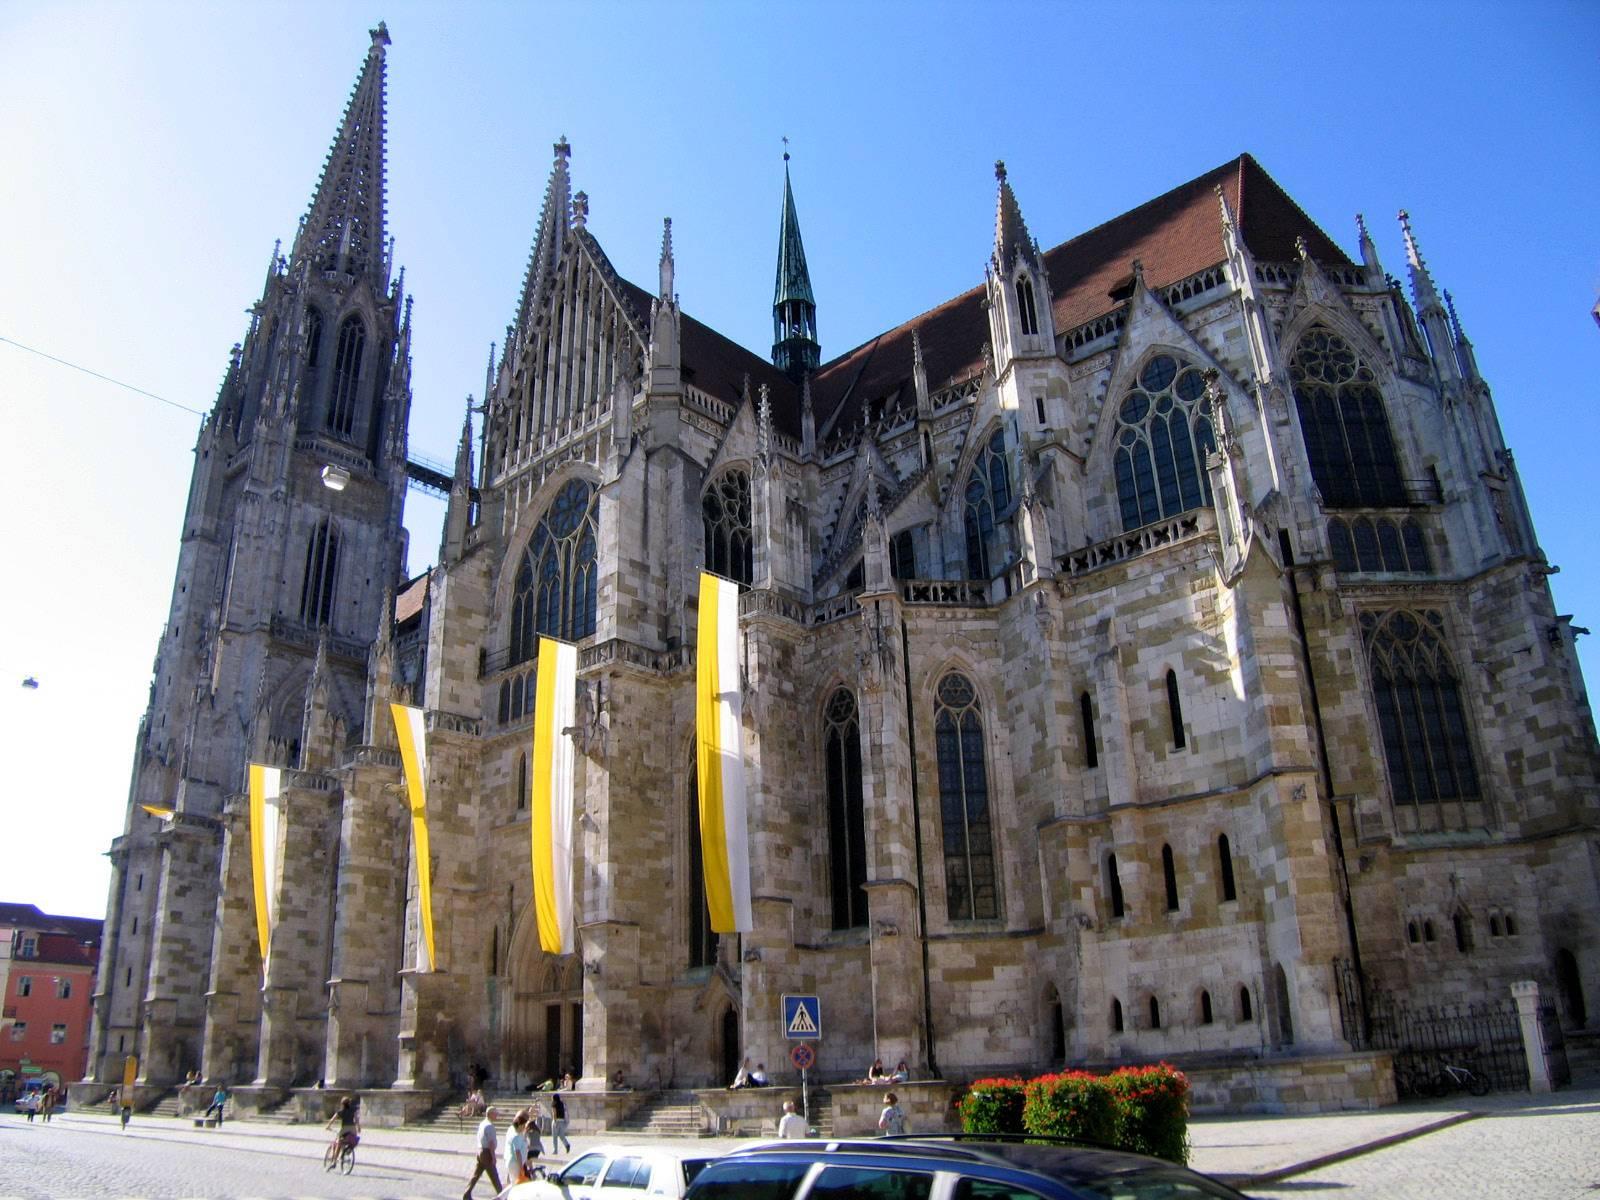 Достопримечательности регенсбурга с описанием и фото - куда сходить и что посмотреть самостоятельно, туристическая карта